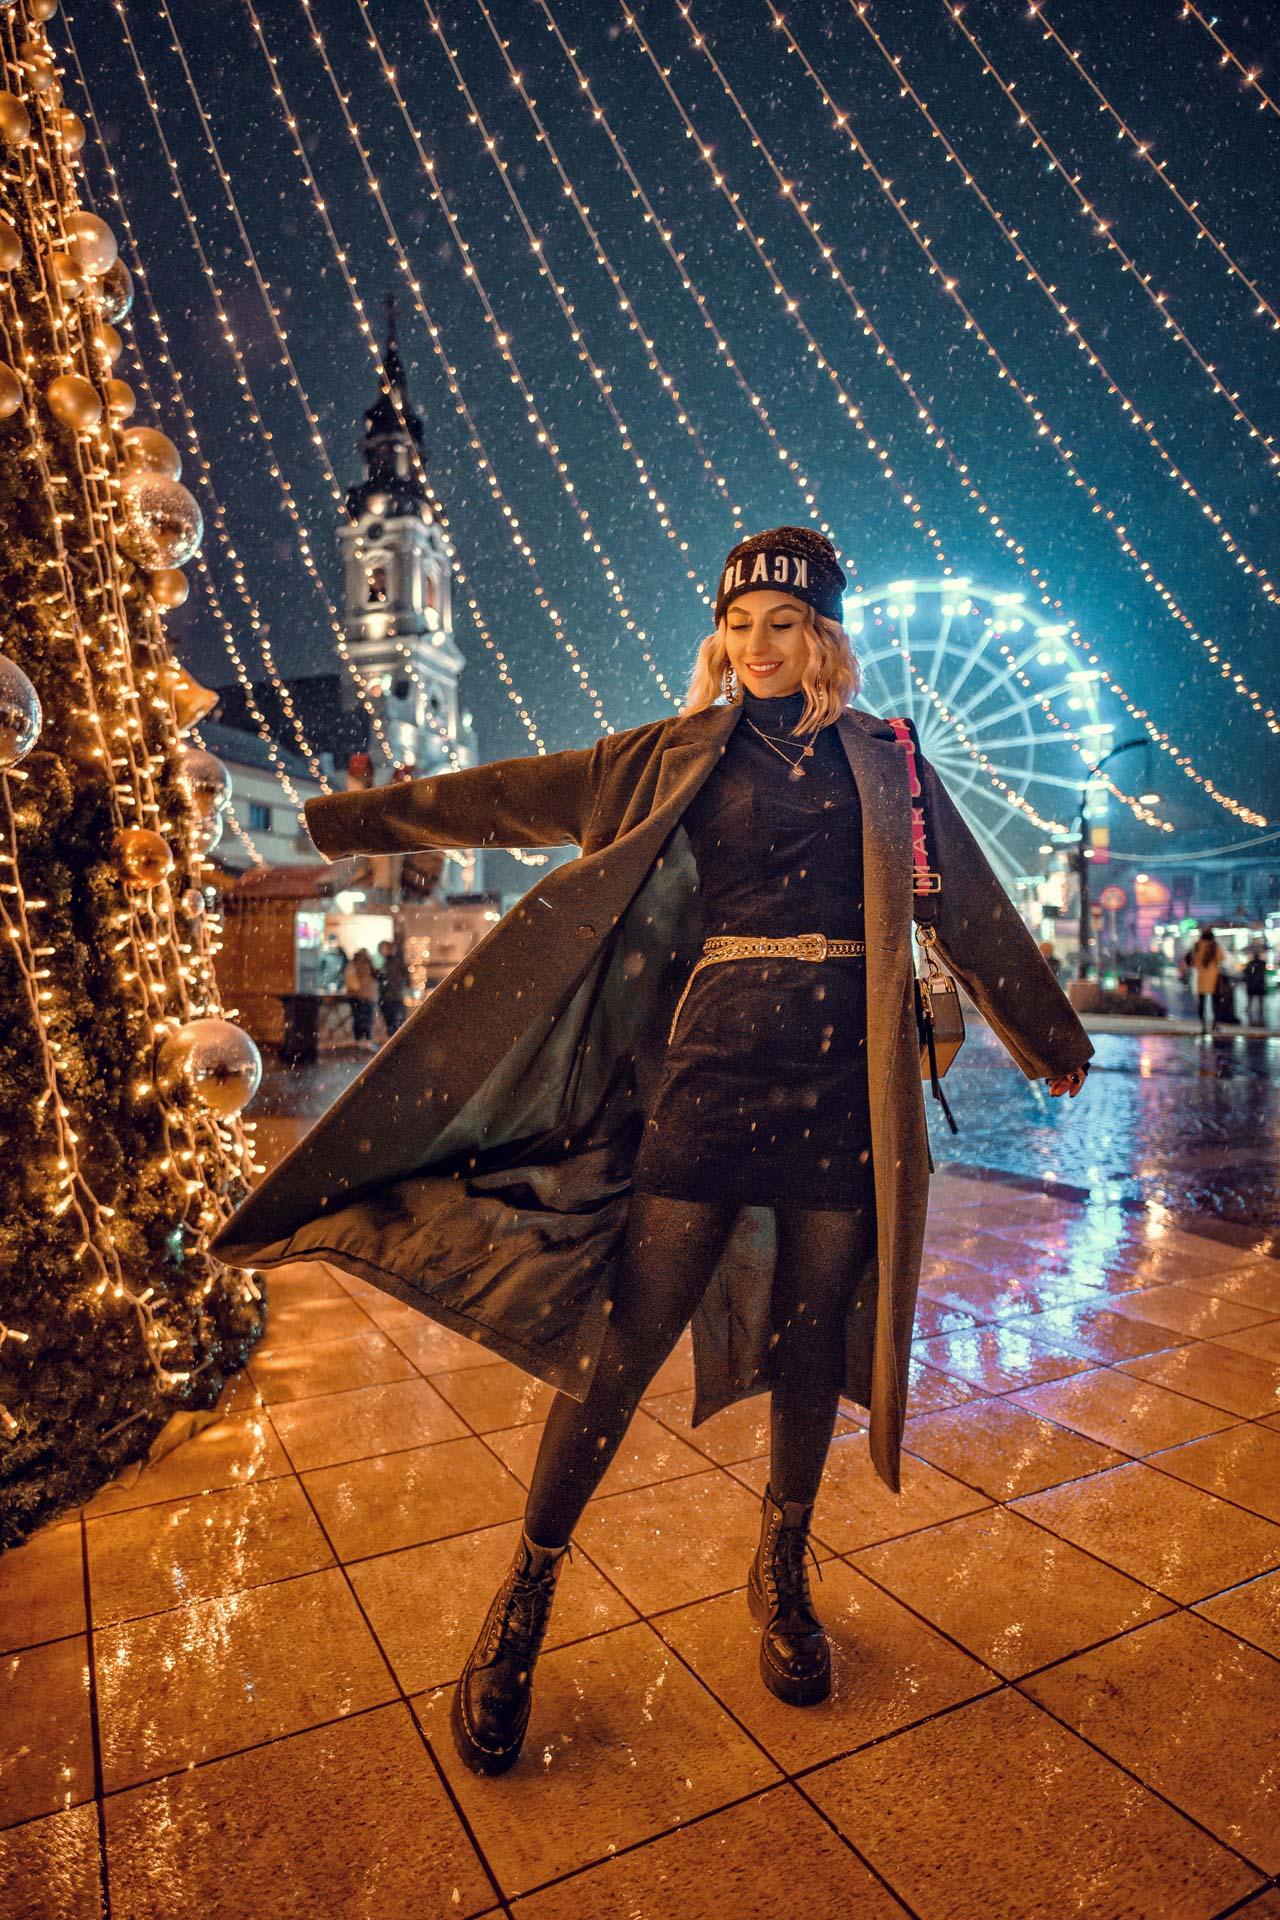 Targul de Craciun de la Oradea - cel mai frumos din Romania_Iulia Andrei_2